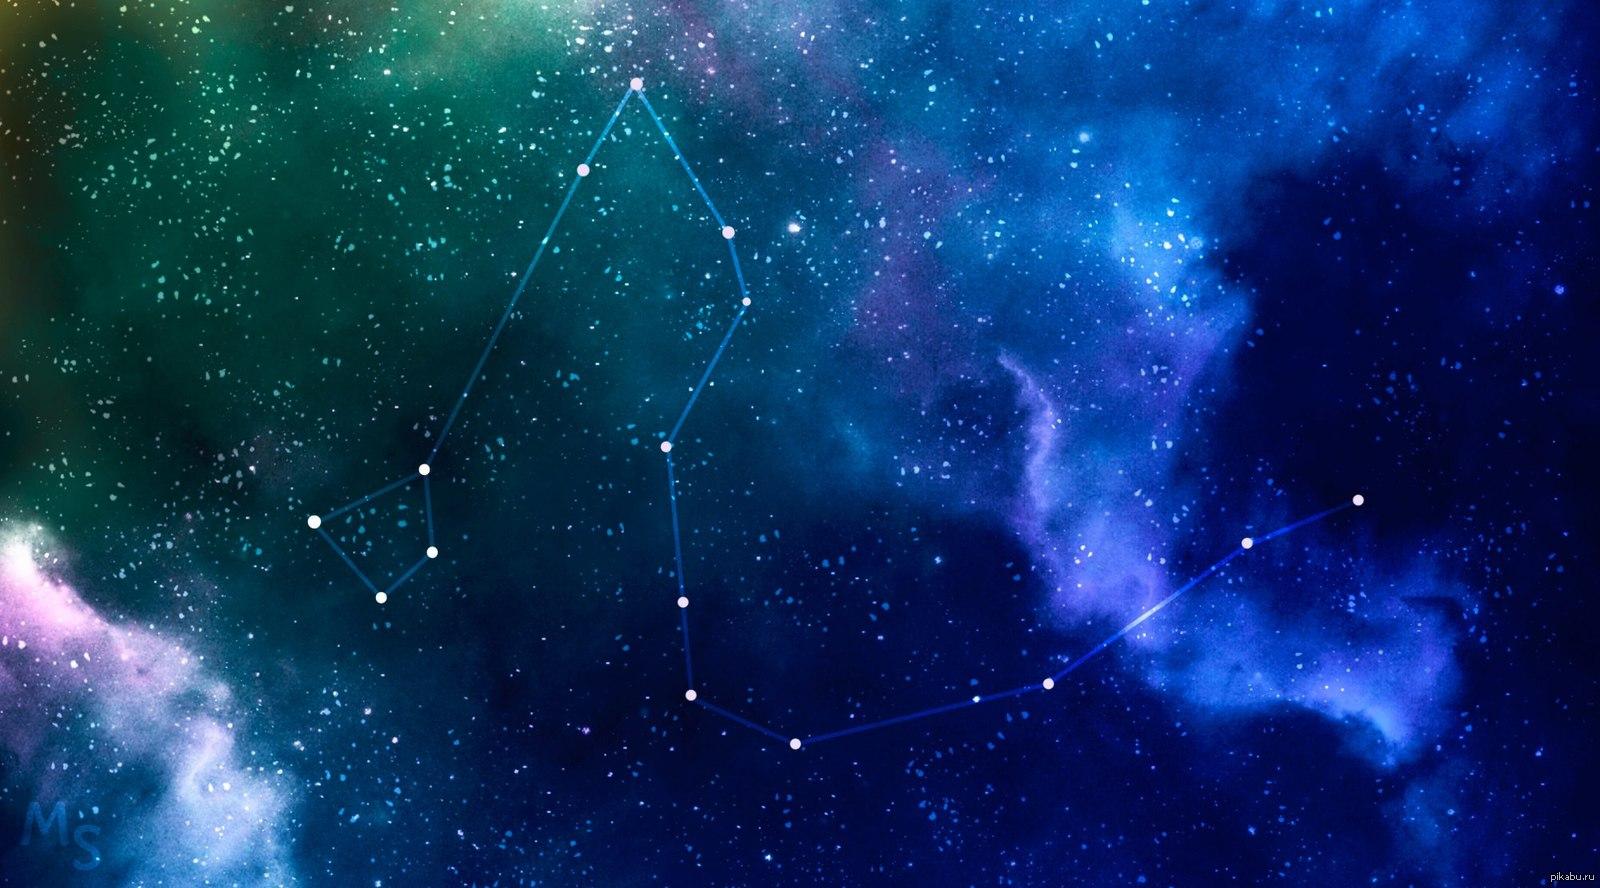 картинка звездного неба с созвездиями результате